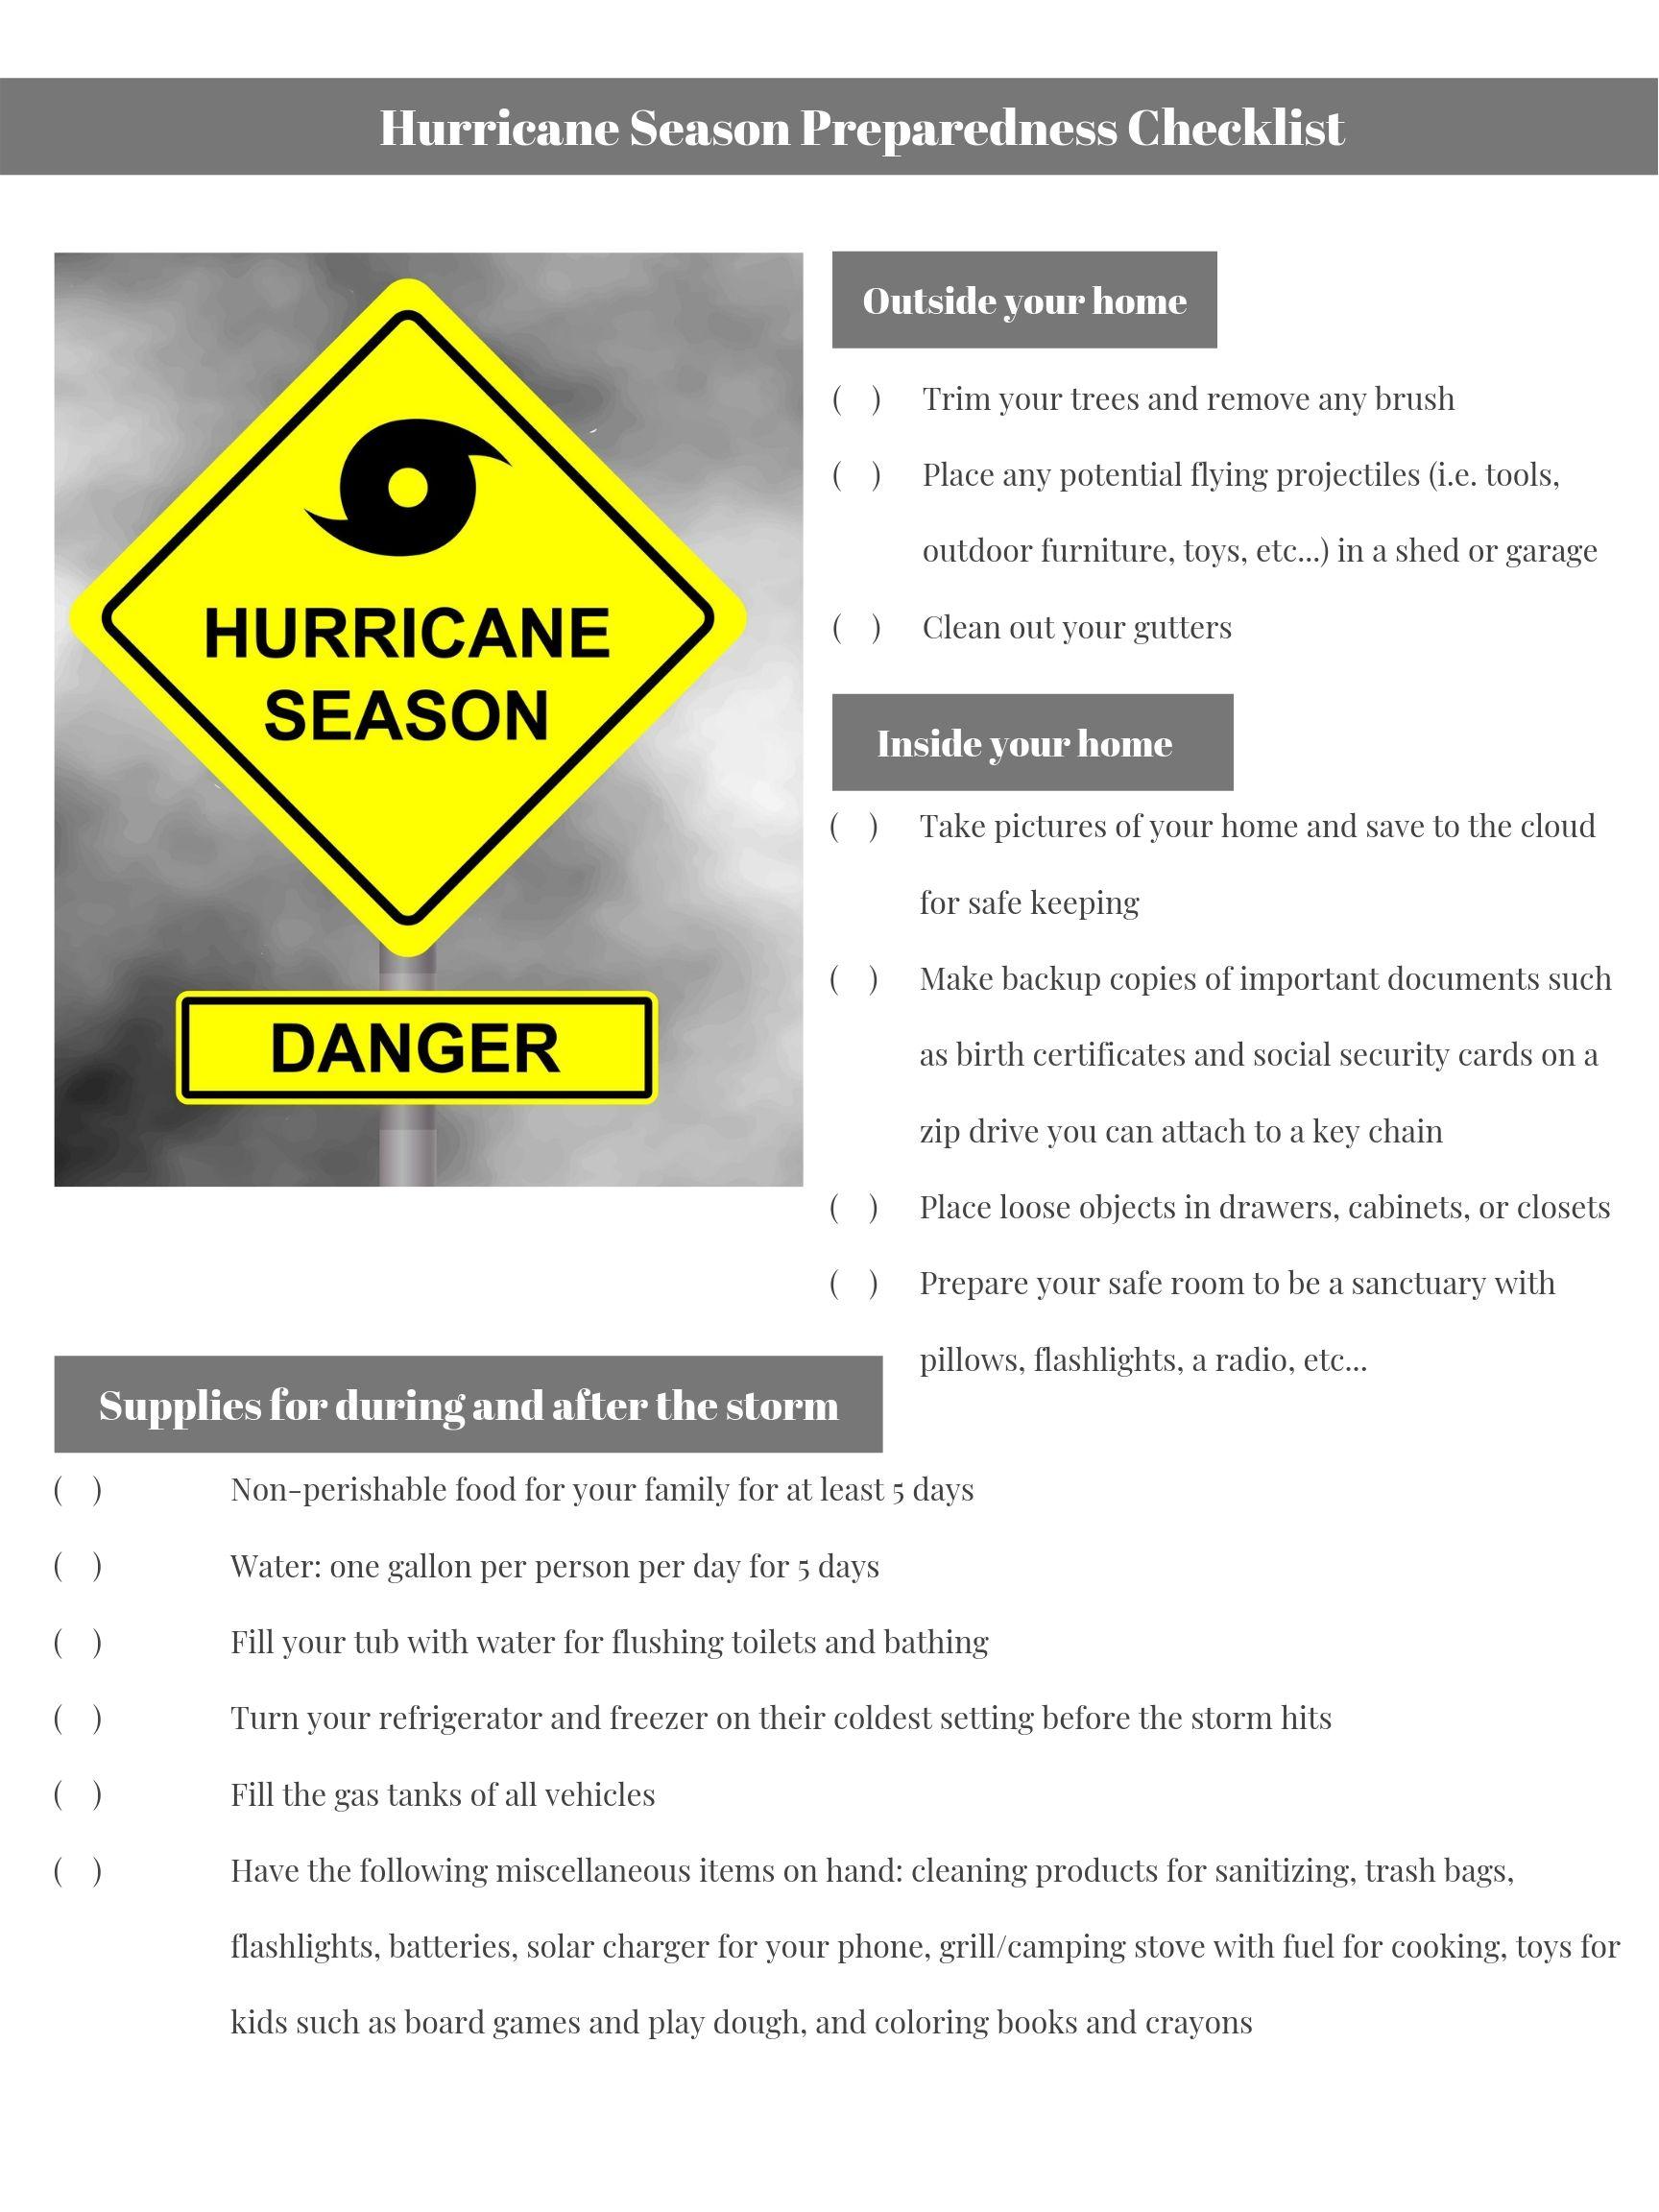 Hurricane Season Preparedness Checklist